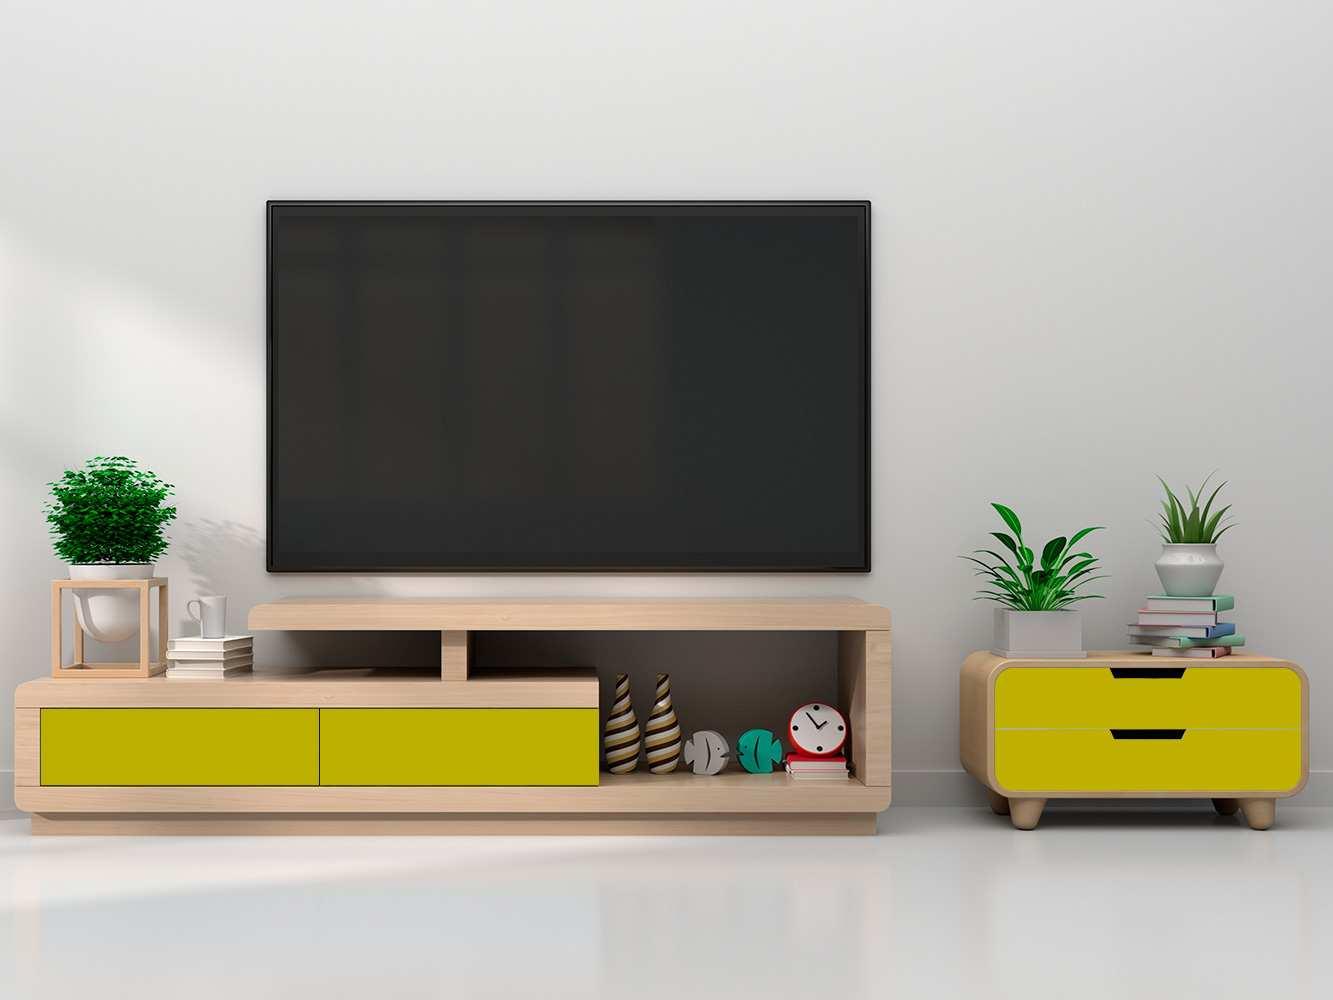 Vinilo Decorativo Mueble Amarillo Oscuro | Carteles XXL - Impresión carteleria publicitaria